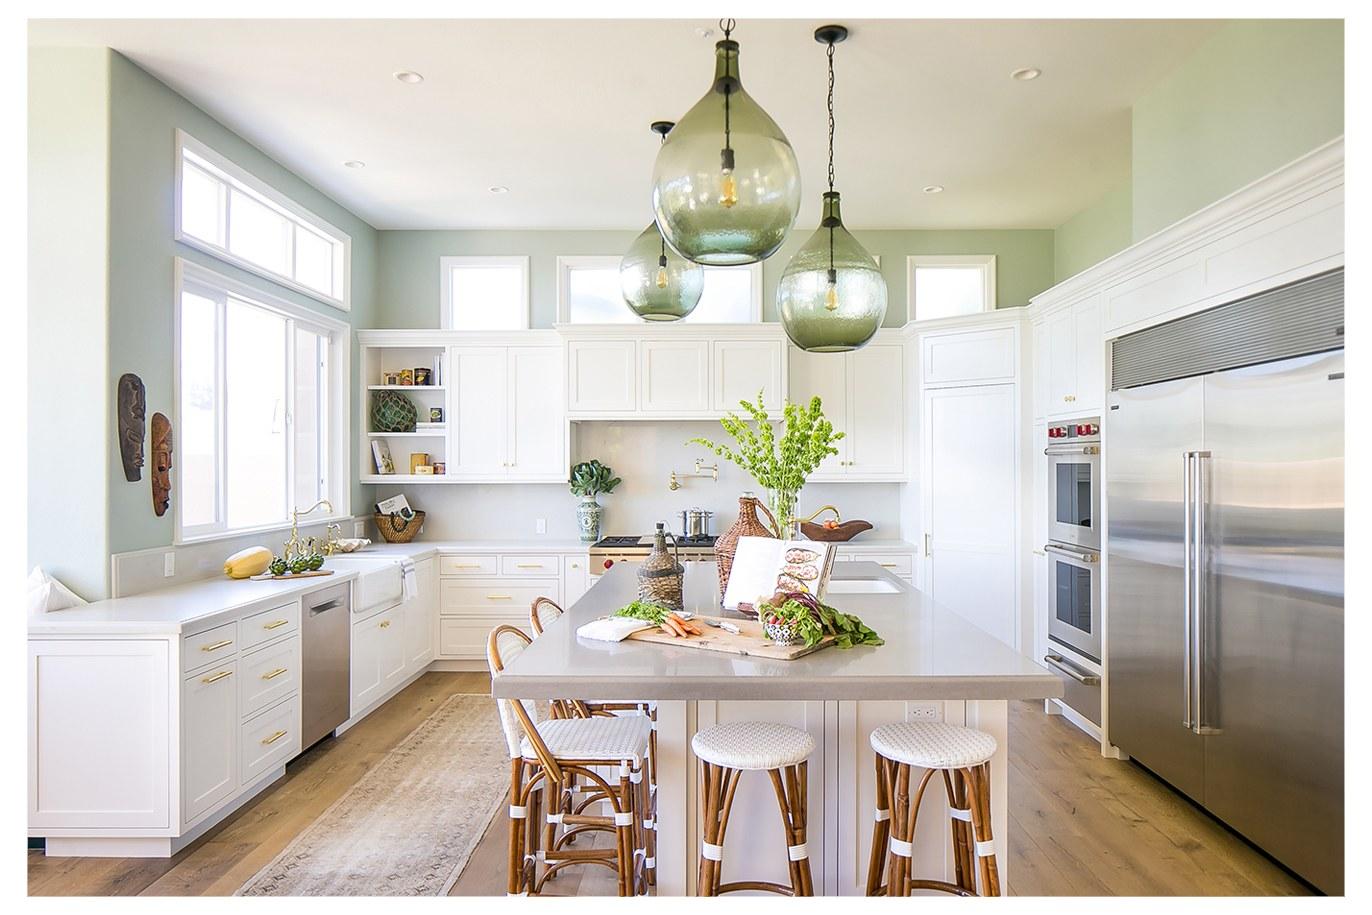 Design Build Remodel Custom Home Builders Claremont Pasadena Ca